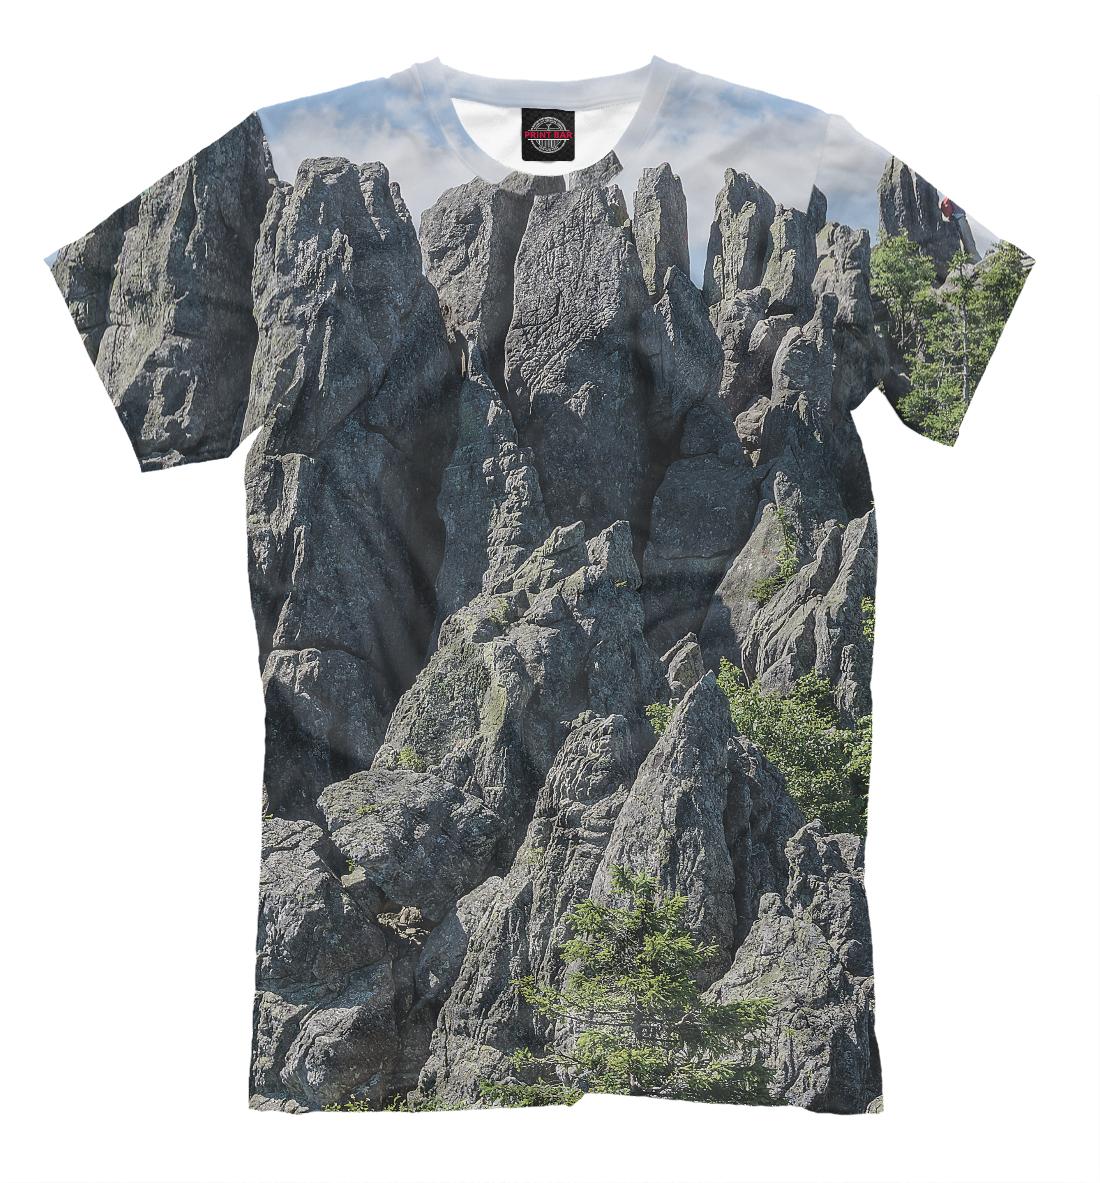 Купить Горный пейзаж парка Таганай, Printbar, Футболки, VSY-138797-fut-2